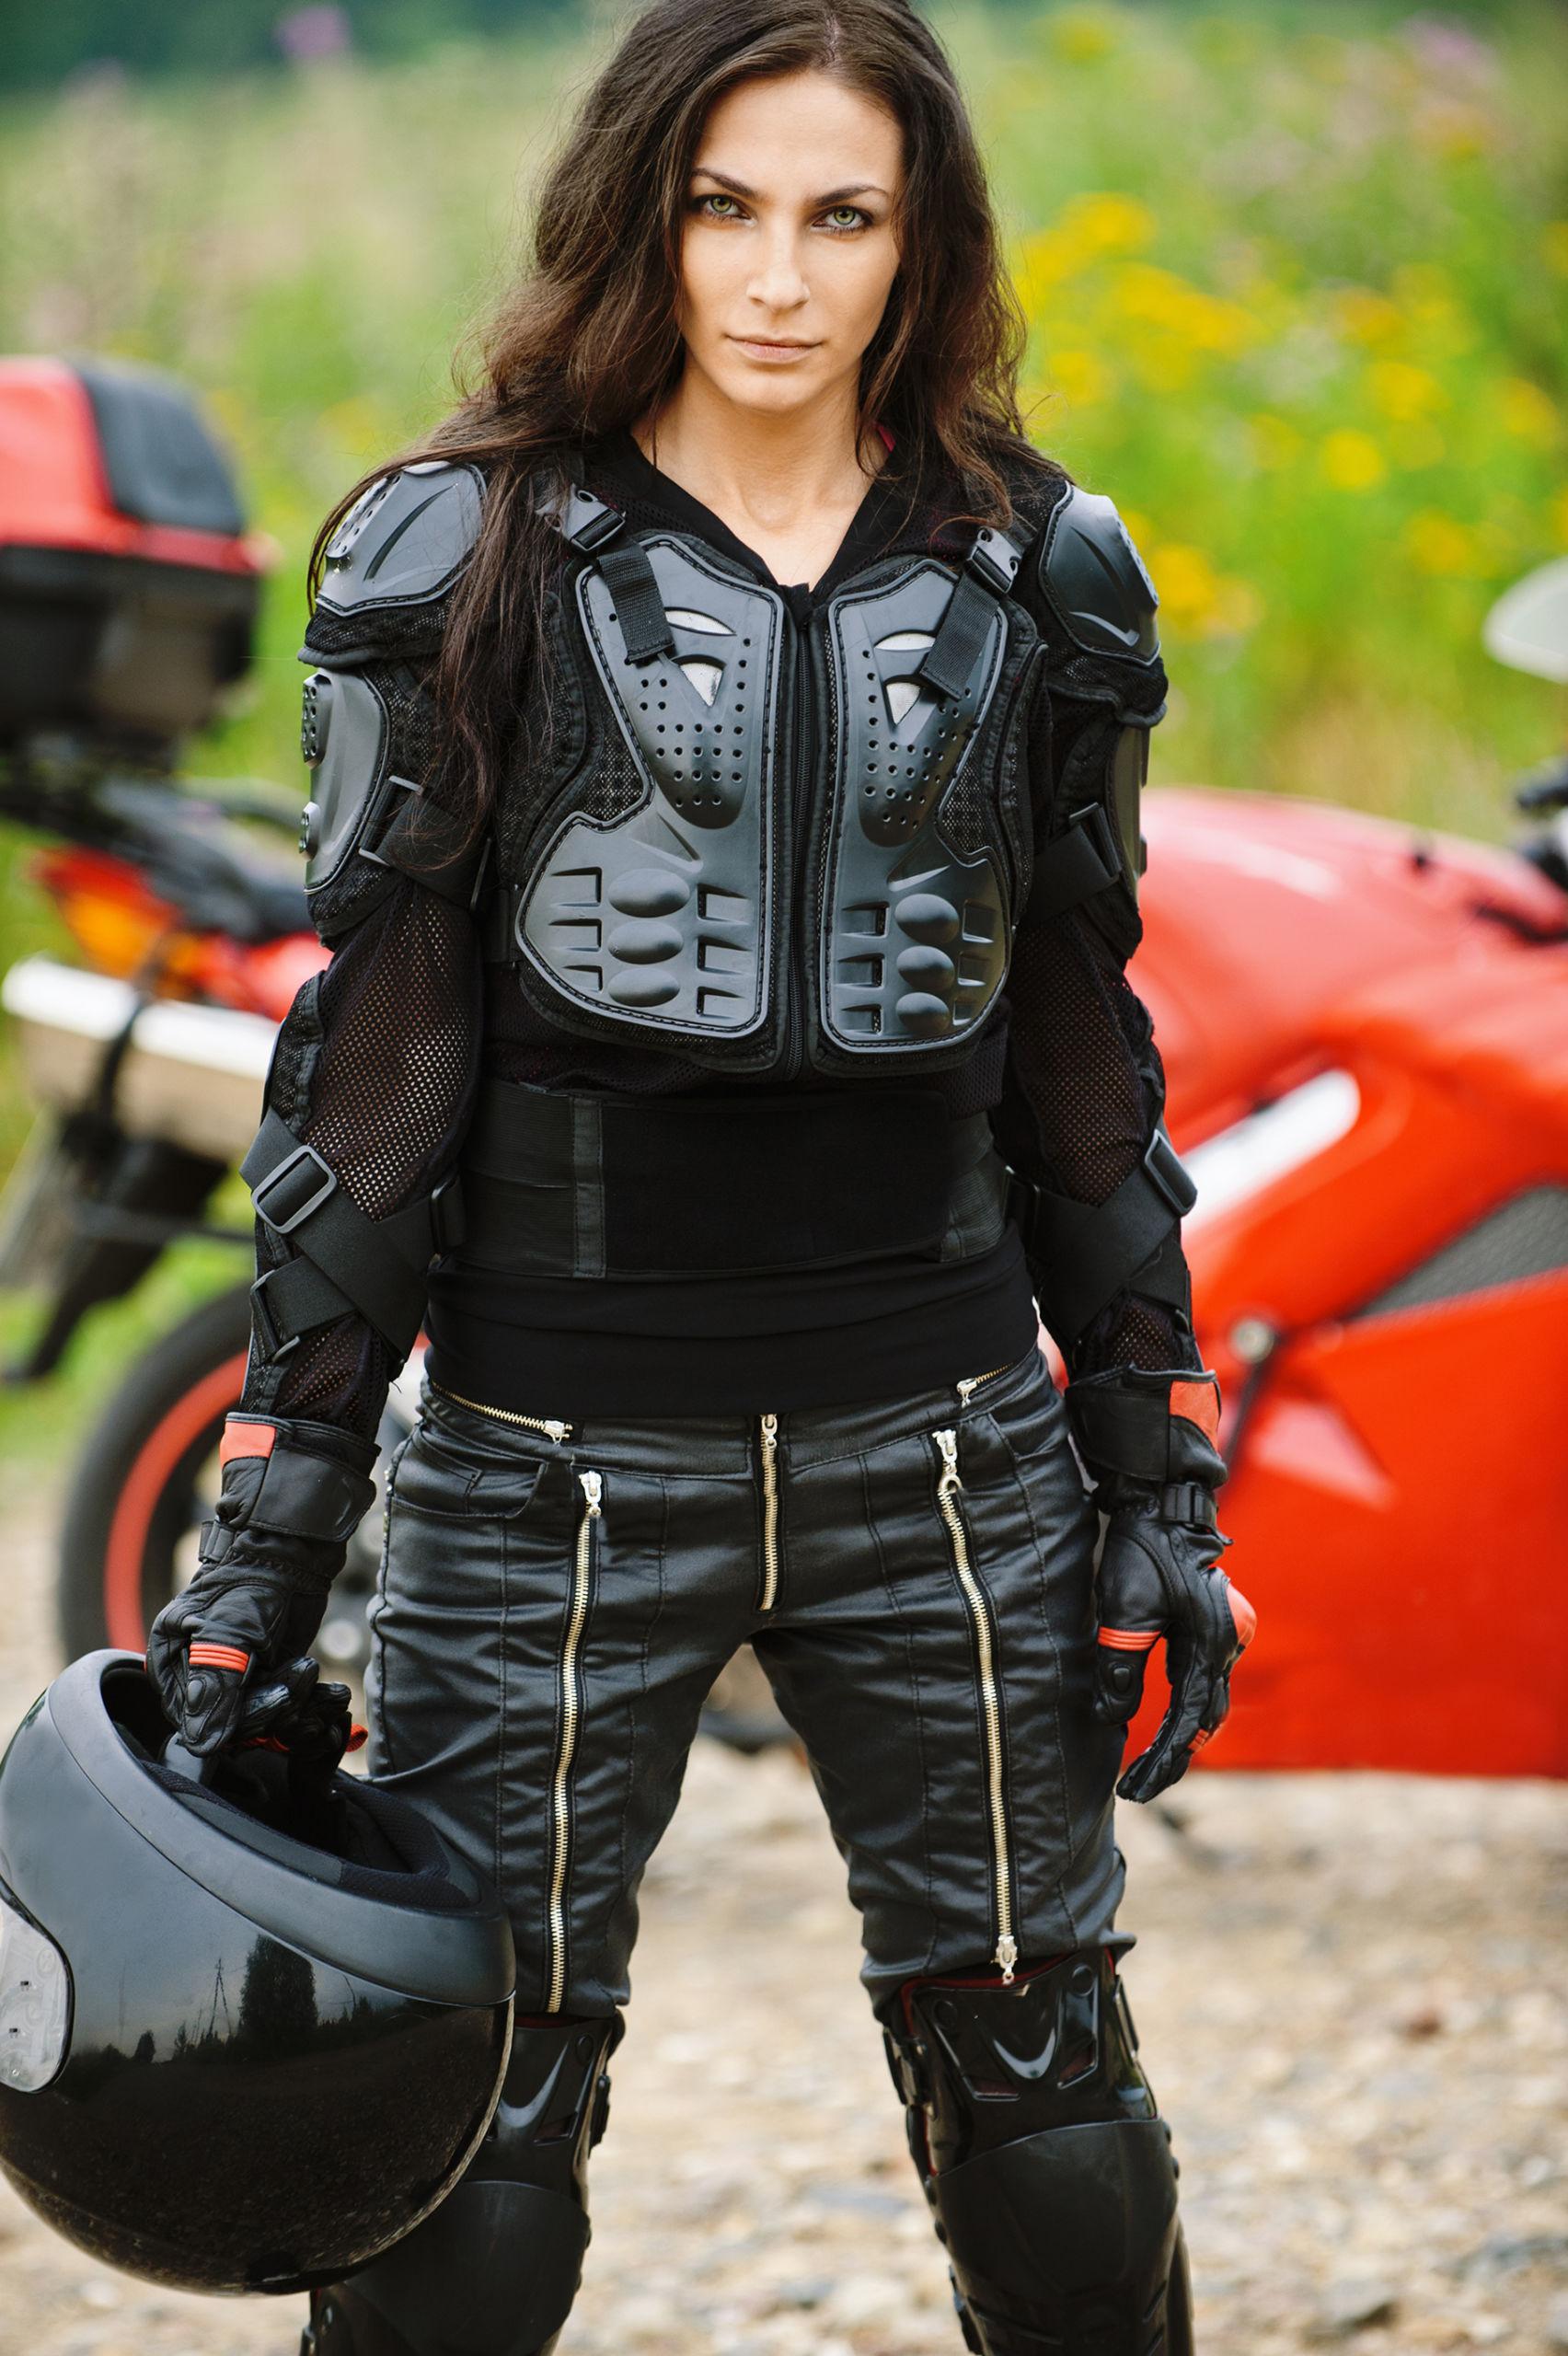 Equipement complet d'une femme à moto